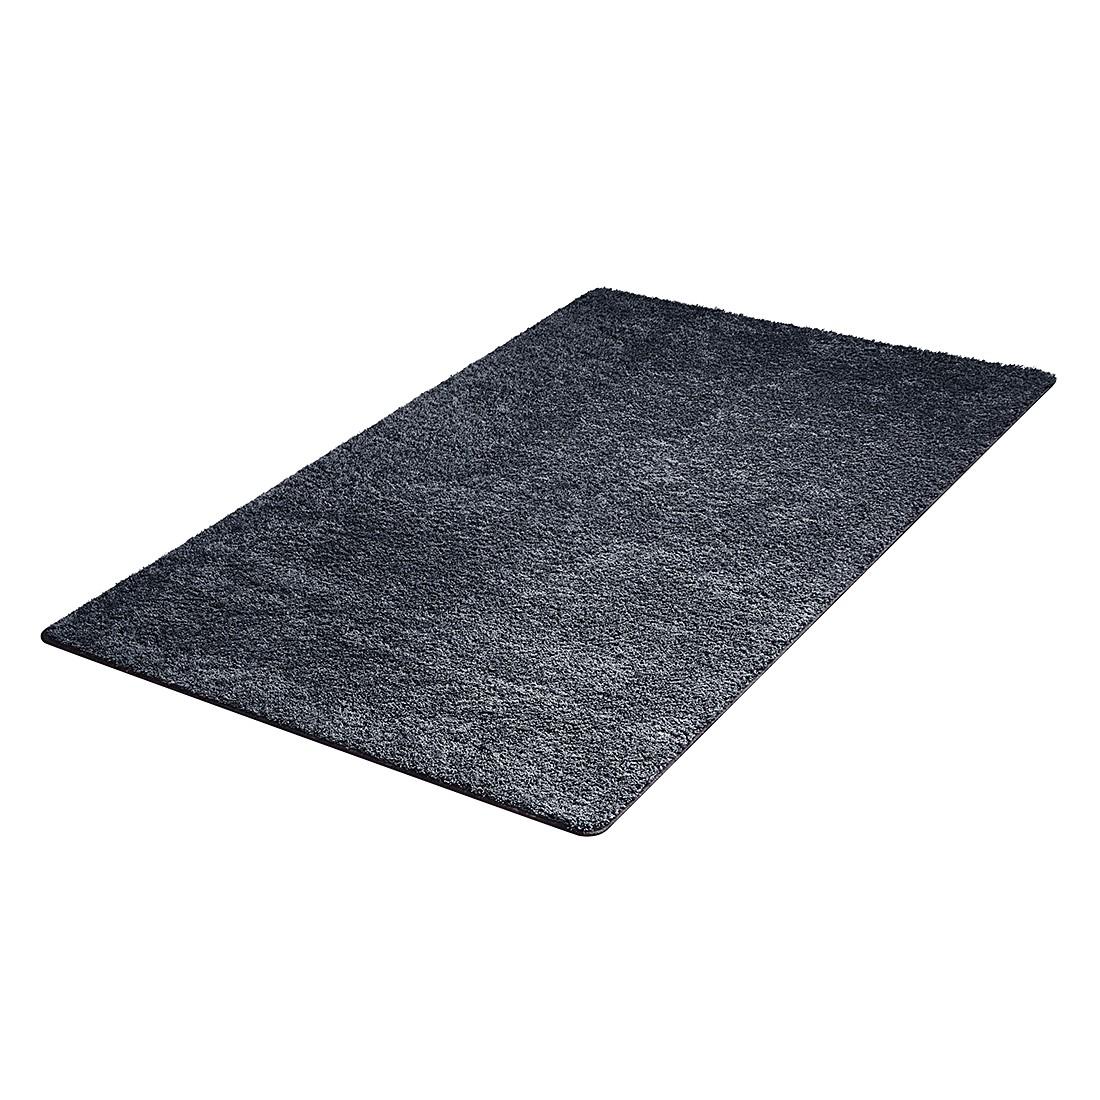 teppich noblesse classic schwarz 170 x 230 cm dekowe jetzt kaufen. Black Bedroom Furniture Sets. Home Design Ideas